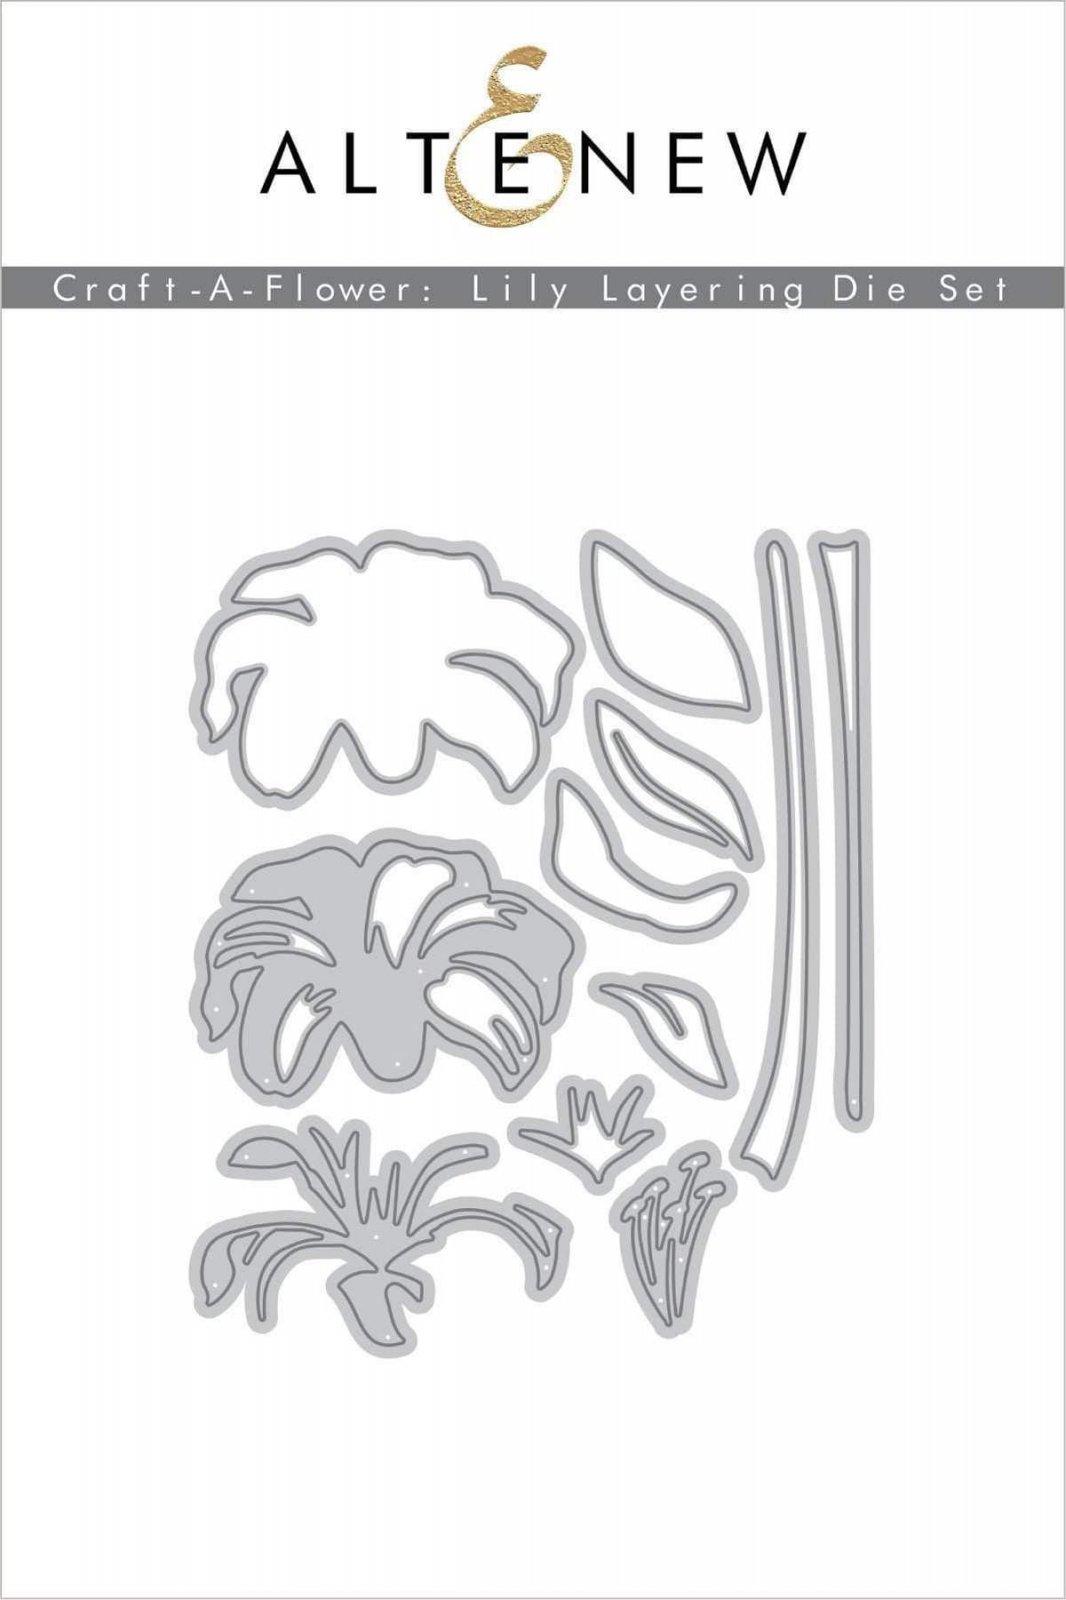 Altenew Craft-a-Flower Lily Die Set